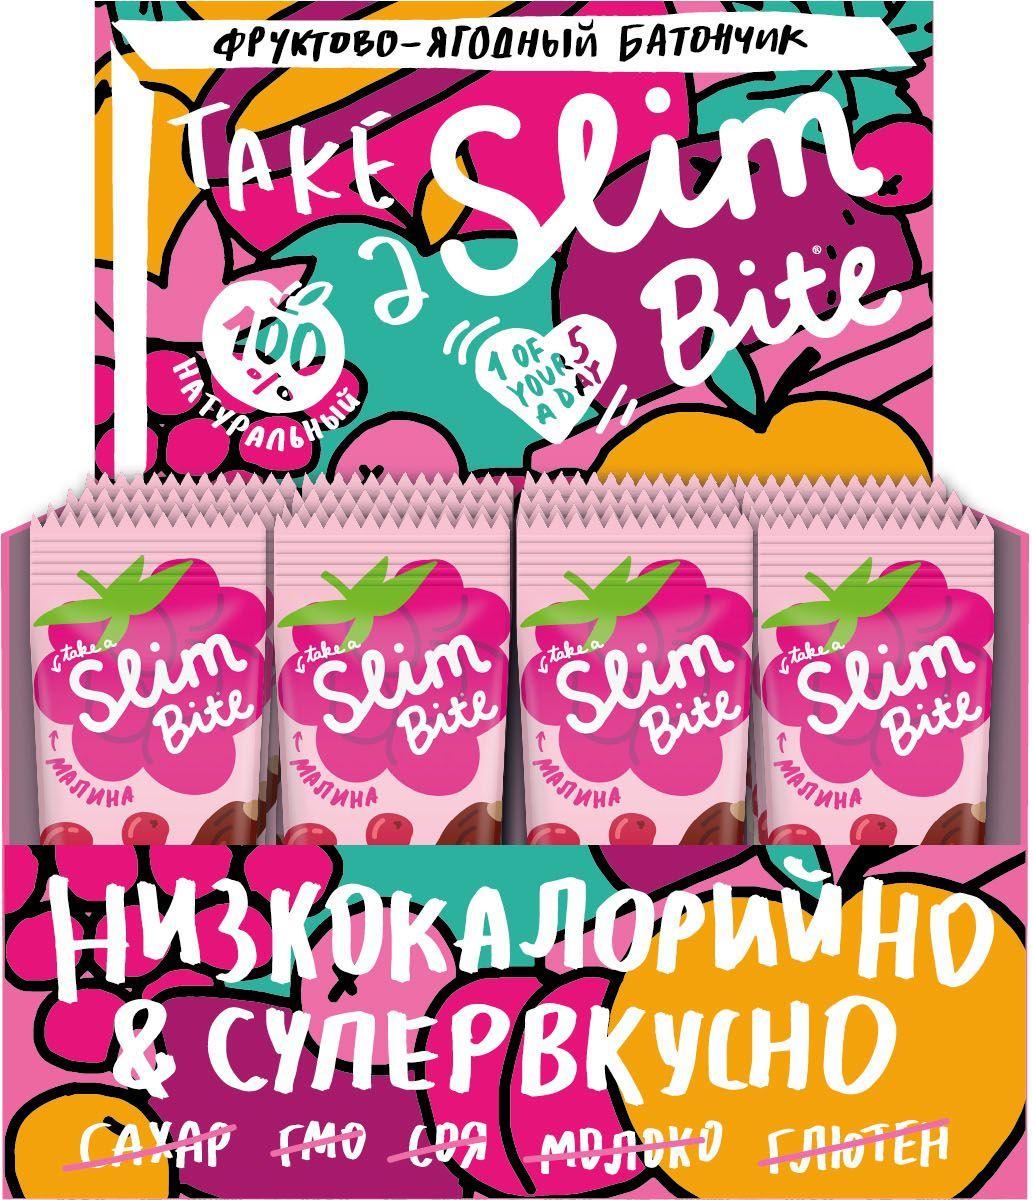 Take A Slim Bite Малина батончик орехово-фруктовый, 30 шт х 30 г4650062591273Take A Slim Bite со спелой малиной - истинное наслаждение для ценителей ягодных десертов. Клюква и специи придают батончику нежный вкус и утонченный аромат.